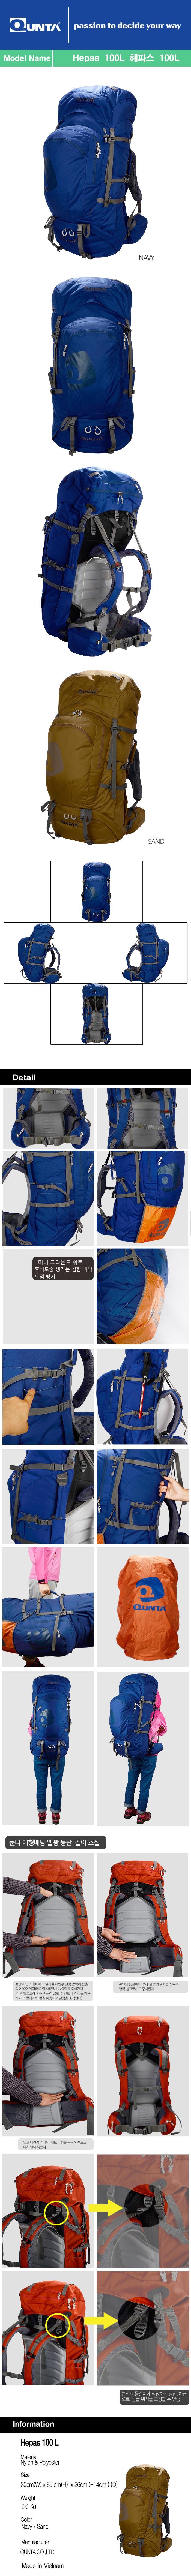 쿤타 헤파스 100 대형 등산 백패킹 배낭 미니멀 캠핑 백팩